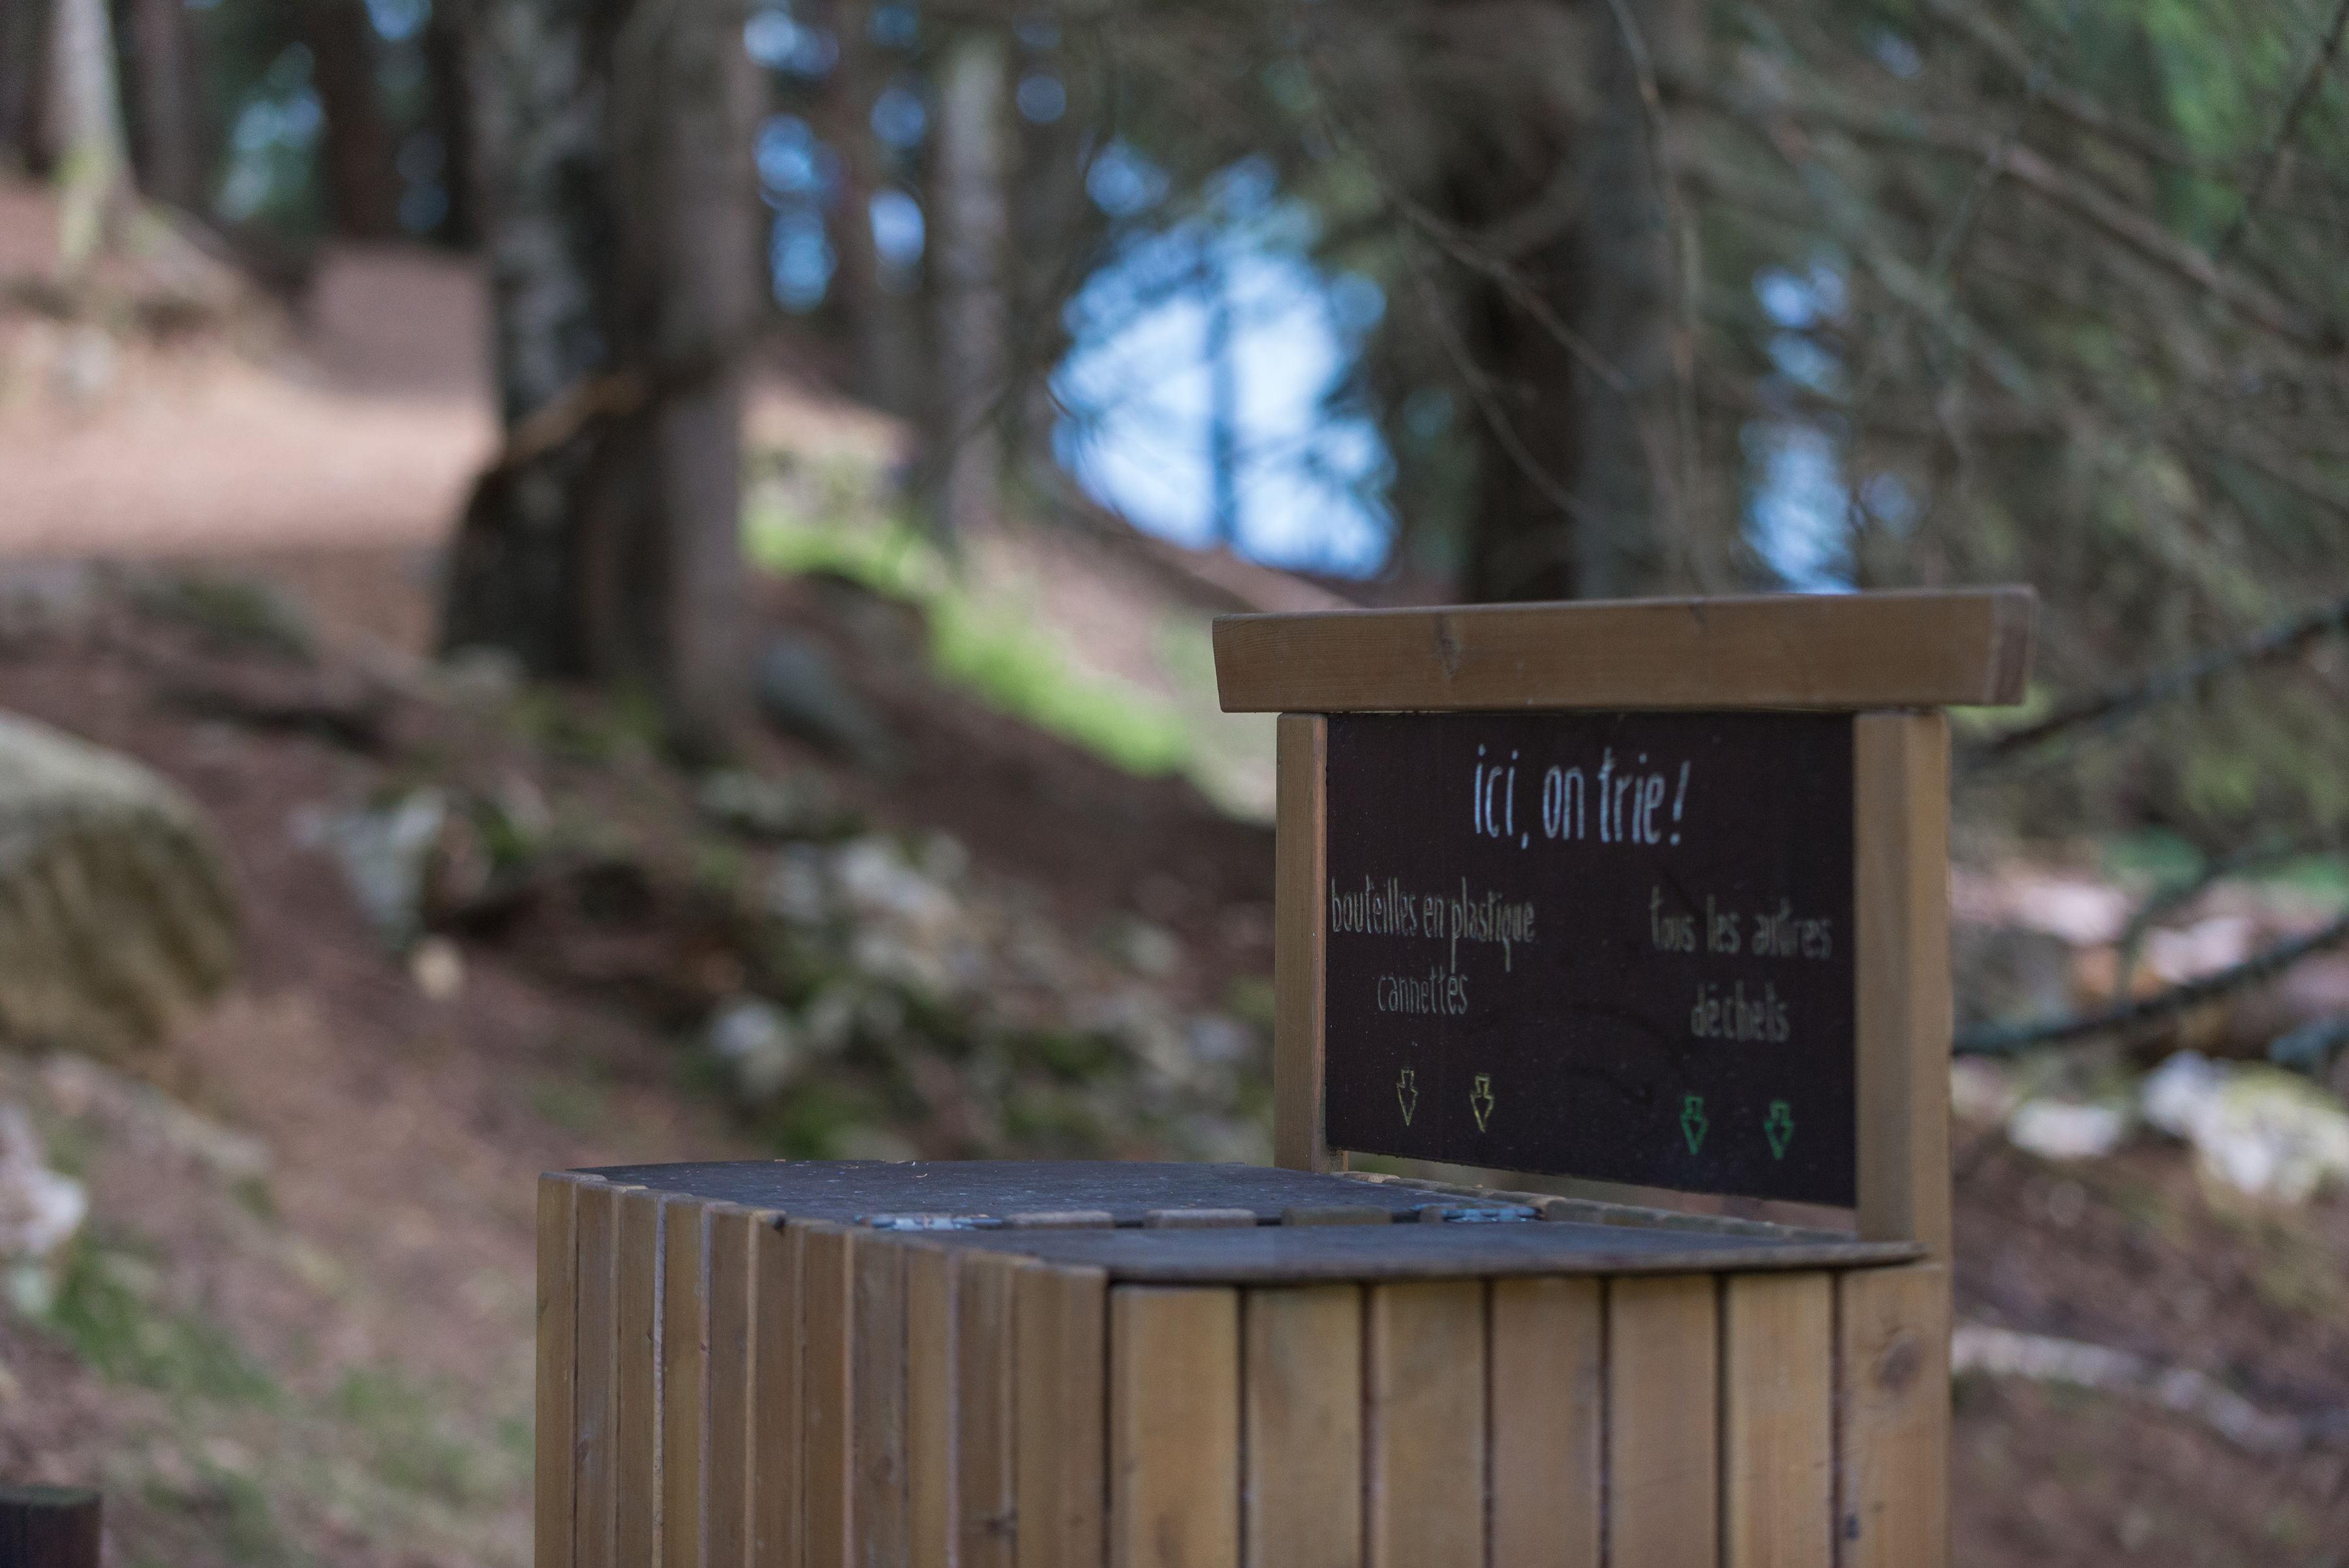 Bac de tri au parc de Merlet